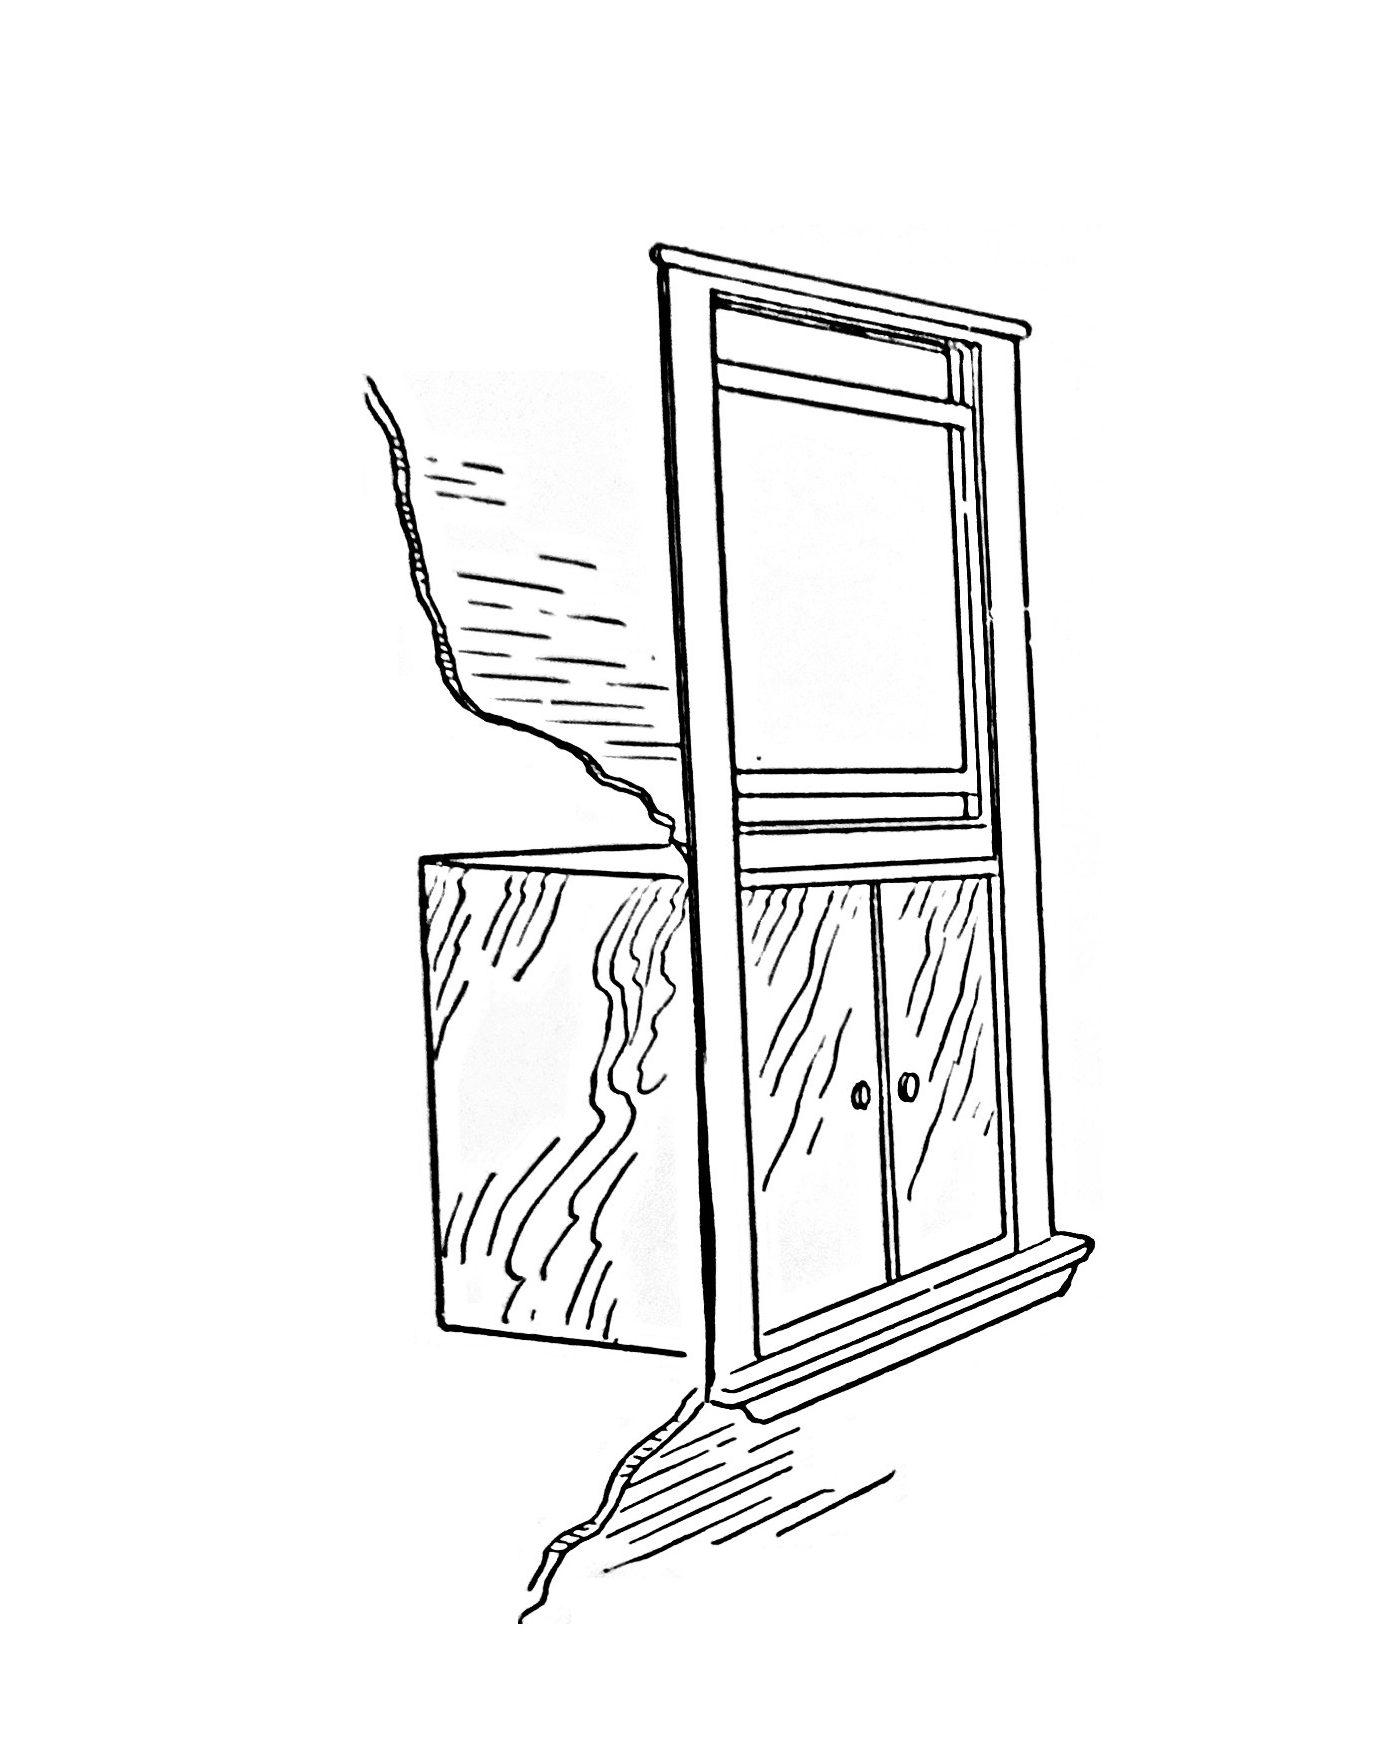 Winter refrigerator